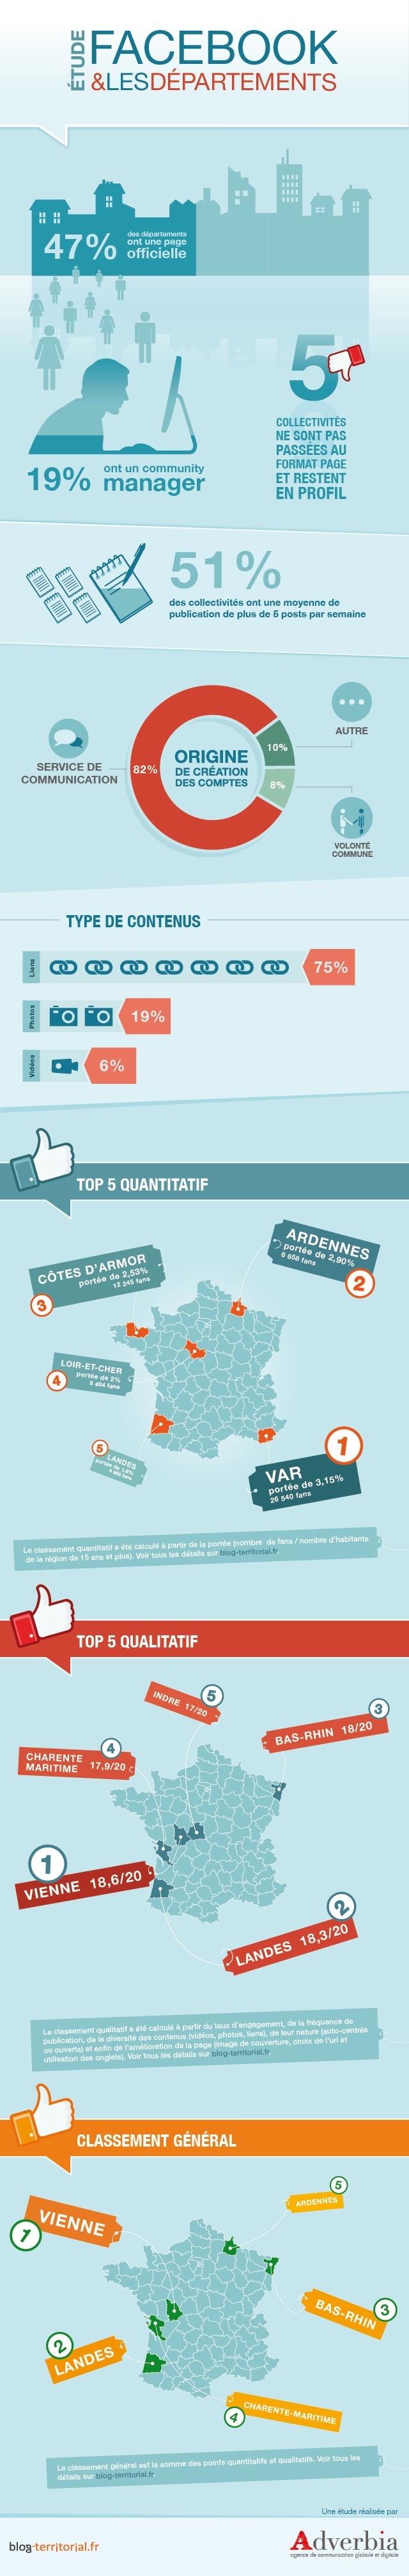 """3ème volet de de notre grande étude sur les réseaux sociaux et les collectivités : """"Facebook et les départements"""" #compublique"""